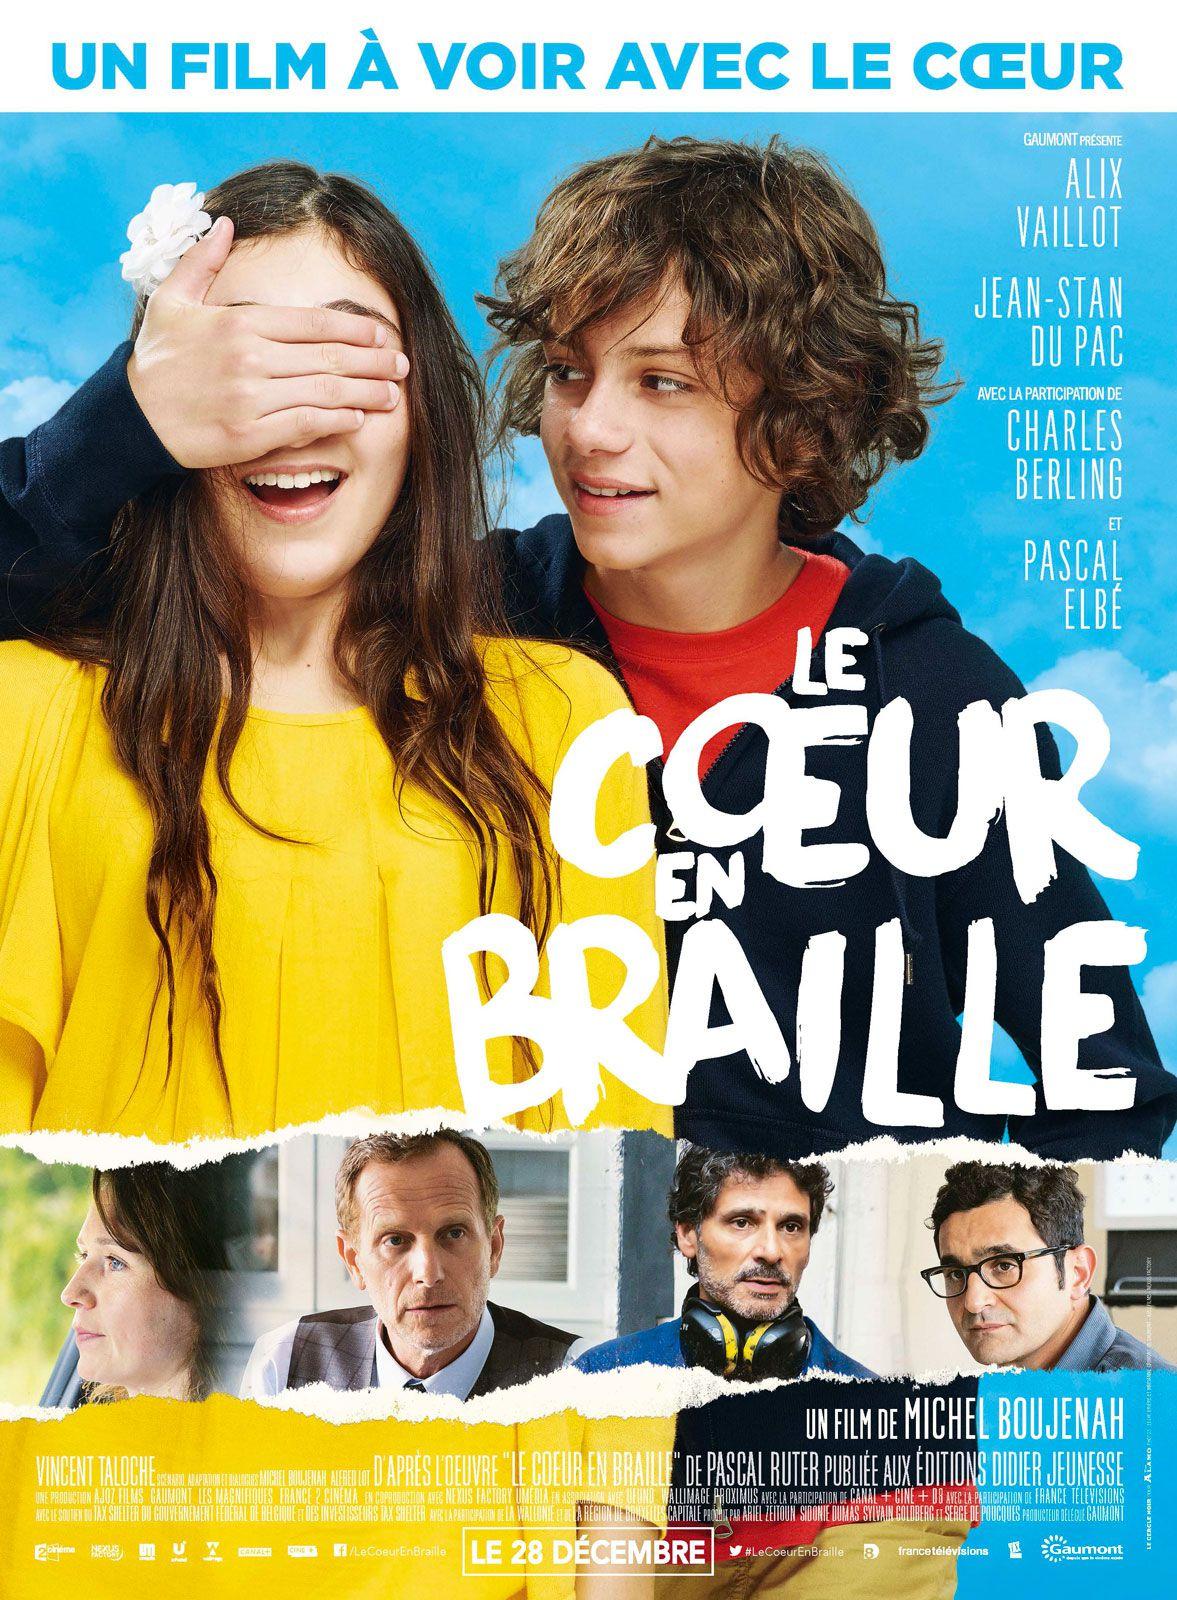 Le Cœur en braille - Film (2016)